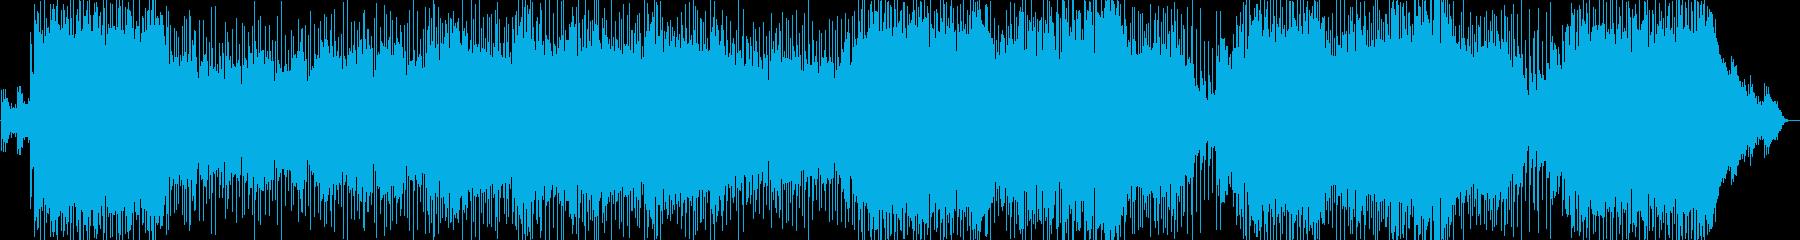 背景をポップします。ボブ・マーリー...の再生済みの波形